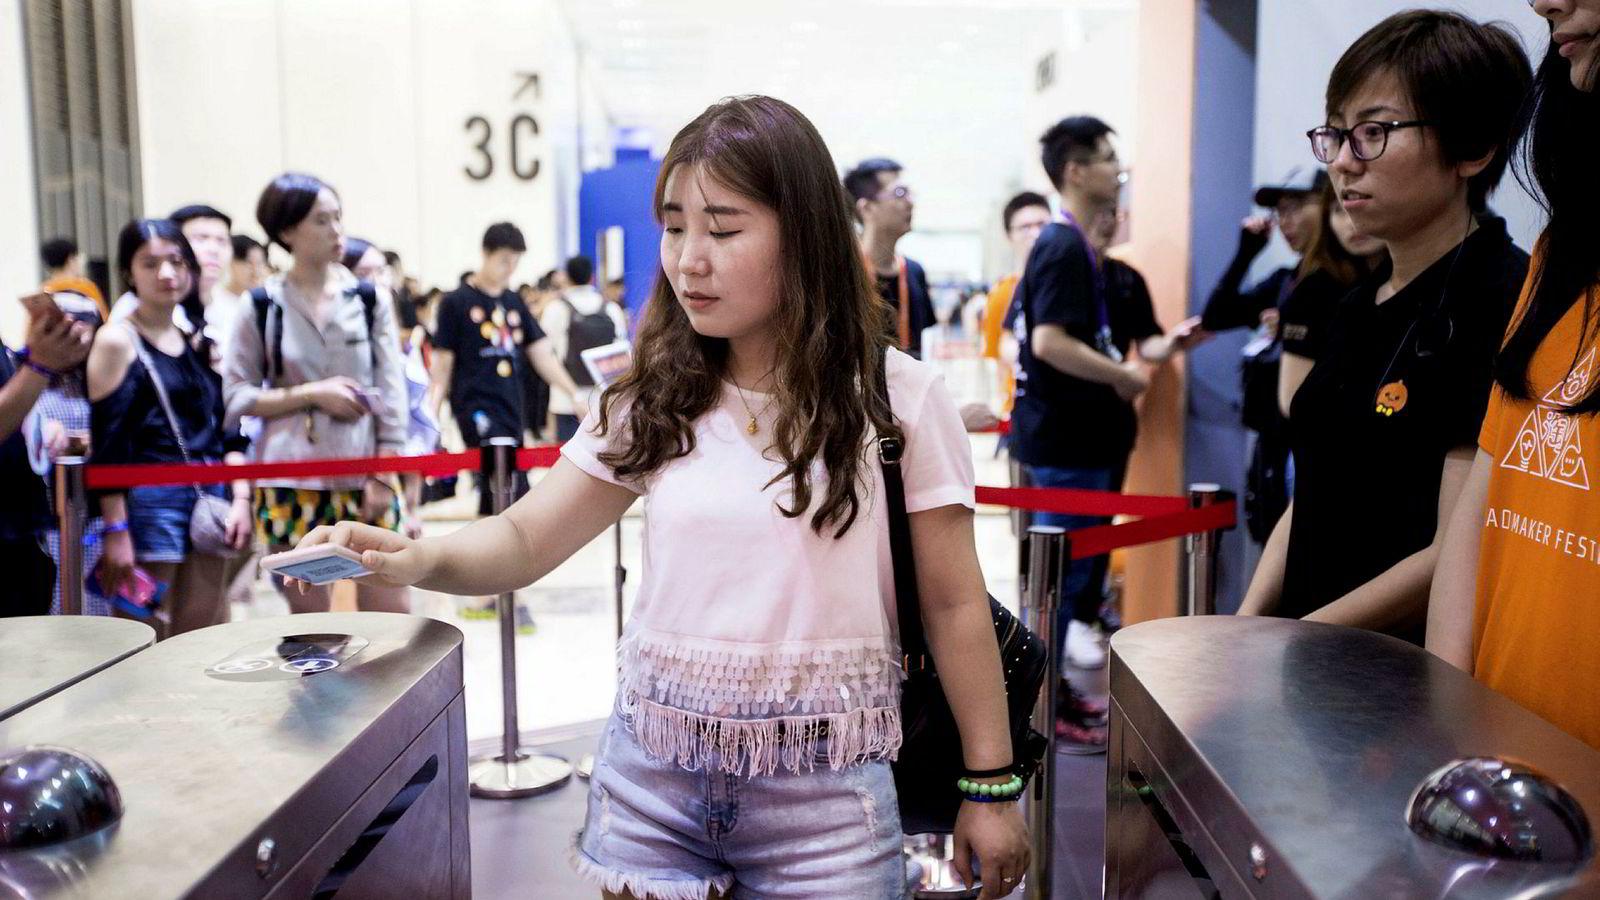 Verdens største fintech-selskap, Alipay, gjorde det høsten 2017 mulig for kinesiske turister å betale med mobilen i Norge, skriver artikkelforfatteren. Her bruker en kvinne i Hangzhou i Kina appen Alipay i en butikk.